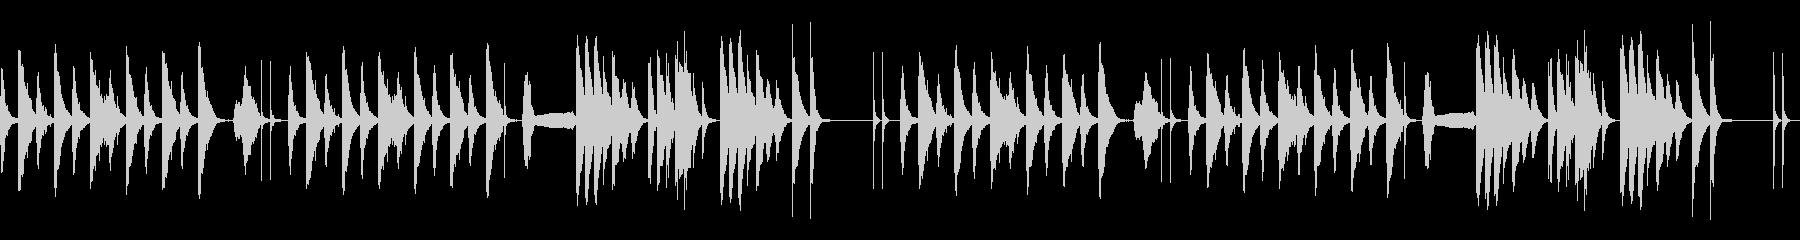 劇伴 シンプル 日常 ネコの鳴き声入Bの未再生の波形